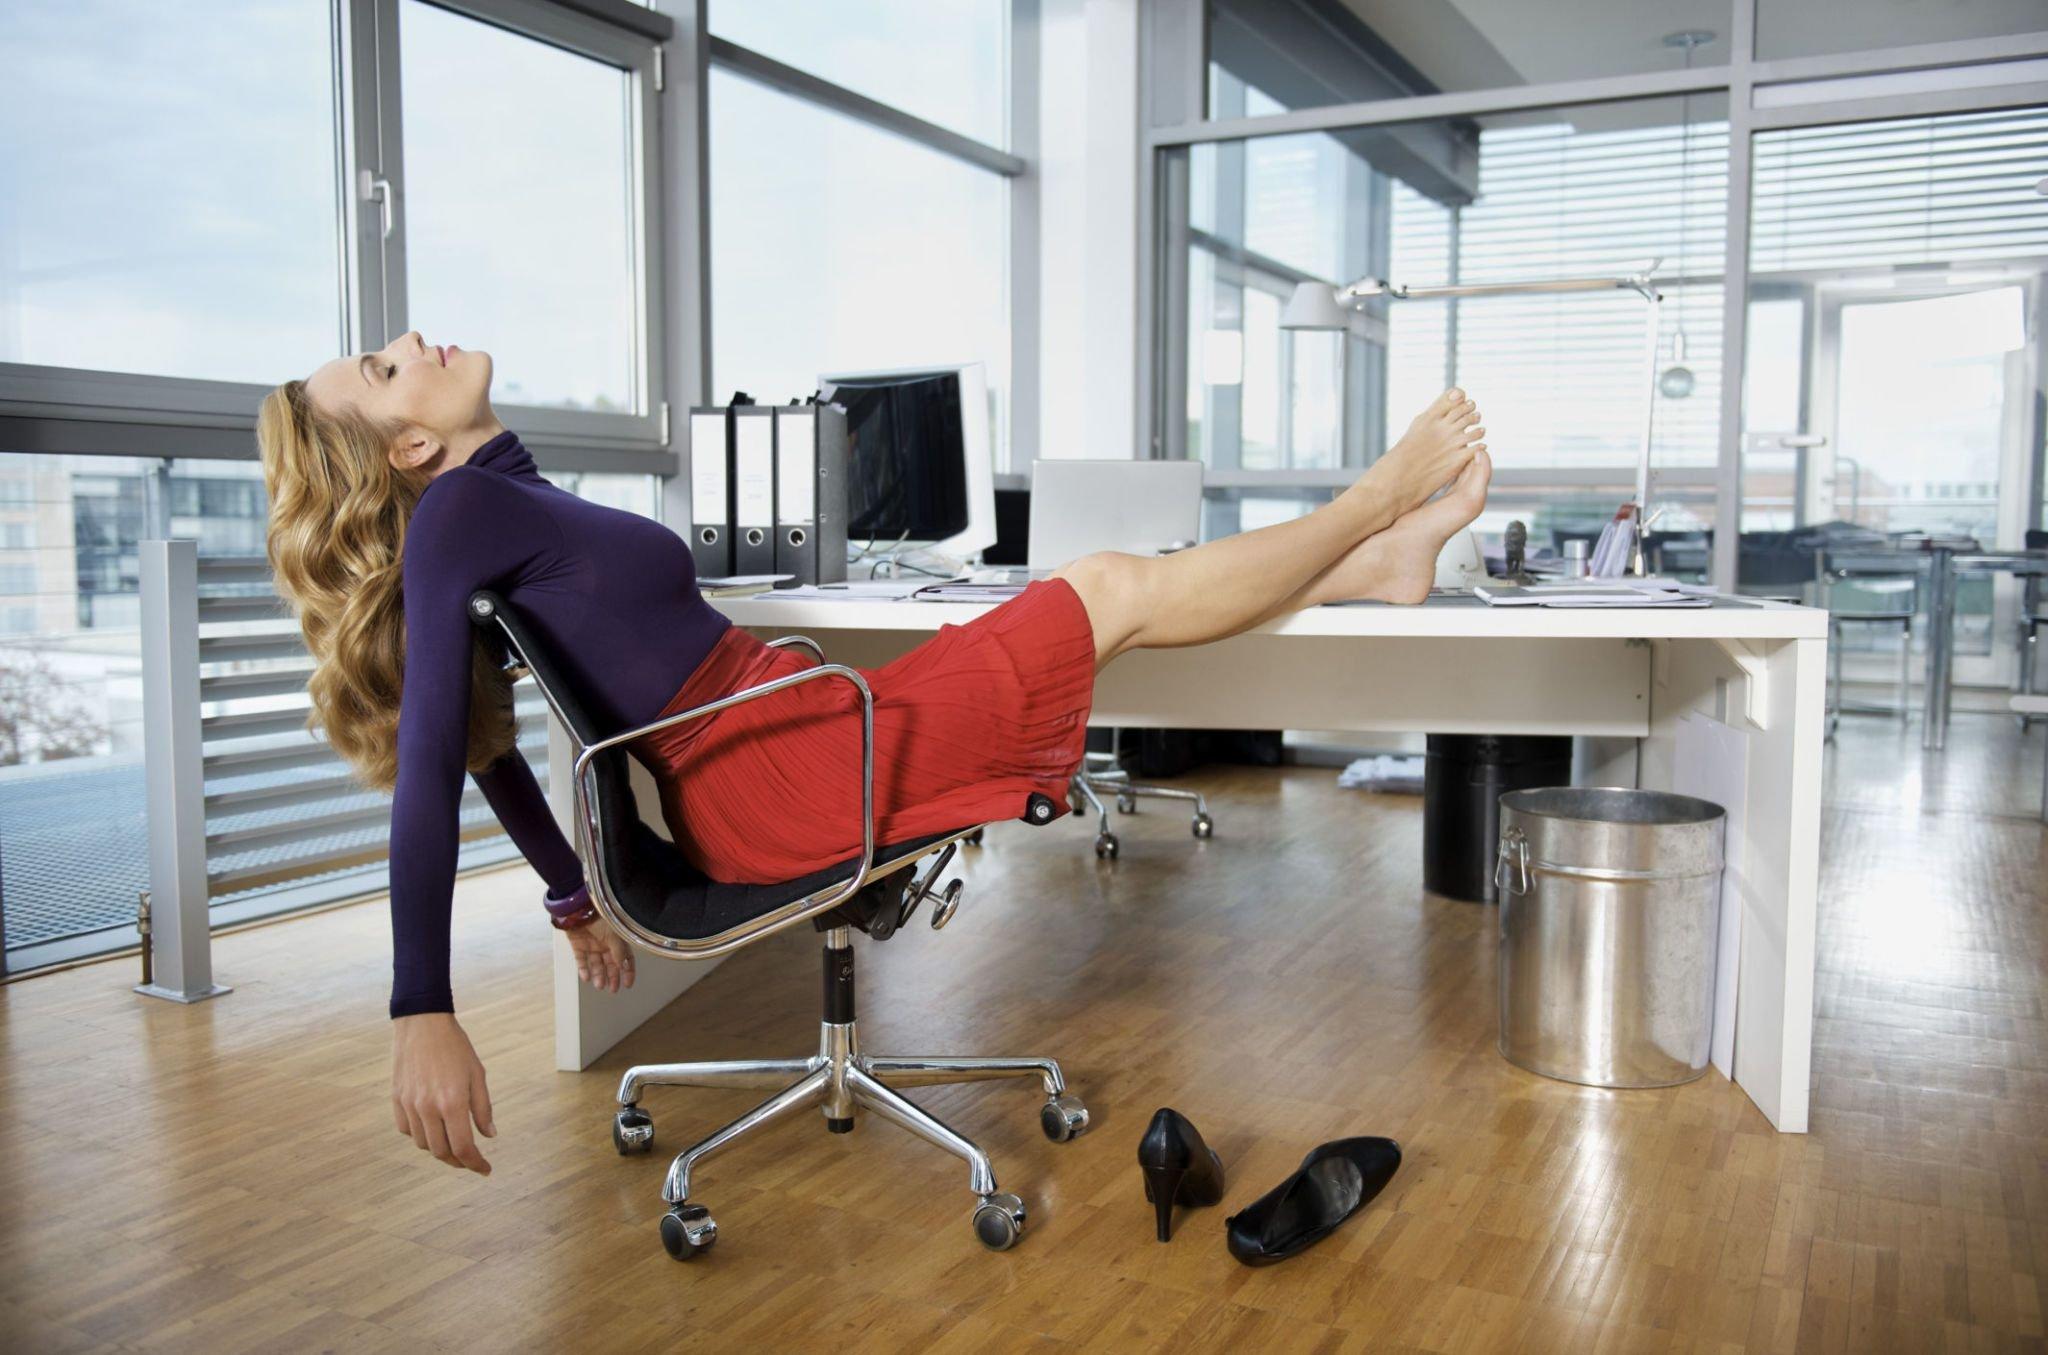 img 5b32ef47af2cb.png?resize=300,169 - 7 種讓緊繃的生活更舒服的方法,放慢腳步!減少憂鬱!